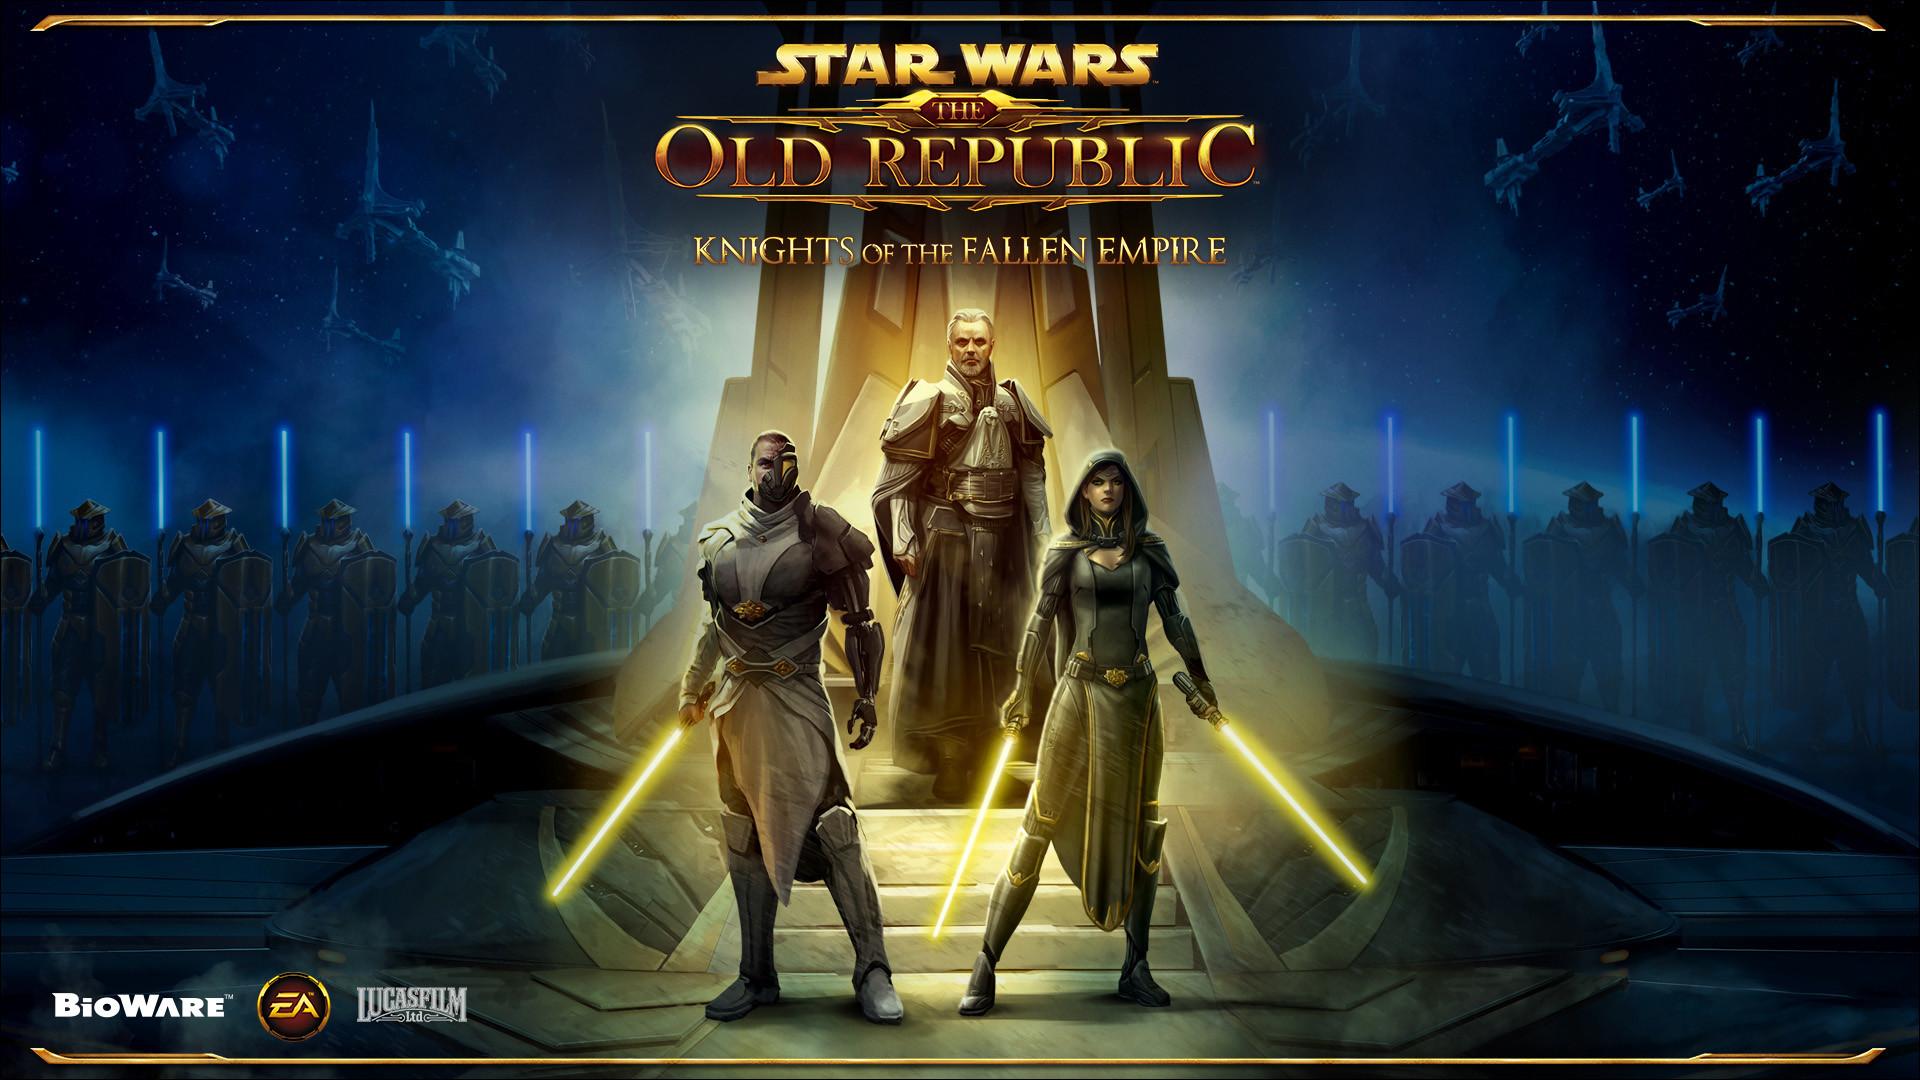 Star Wars Old Republic Wallpaper: Kotor 2 Wallpaper ·①